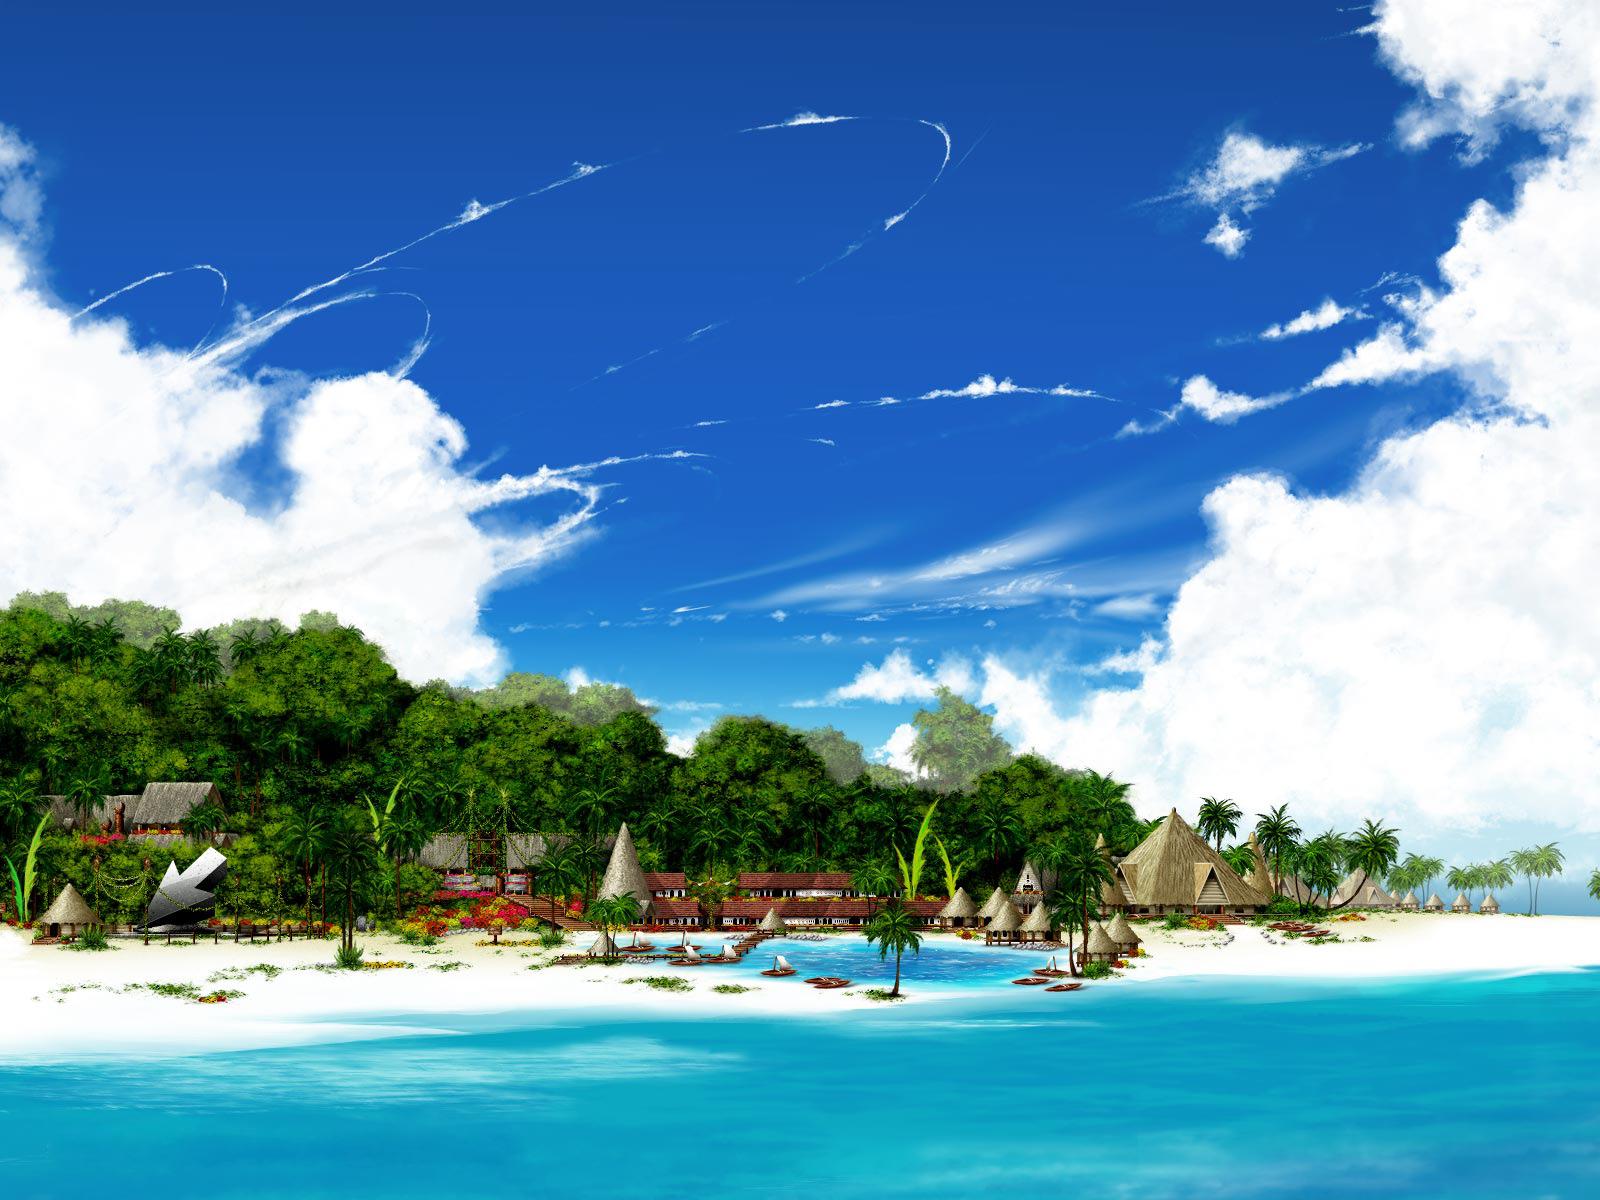 лето, пляж, пальмы, отдых, скачать фото обои для рабочего стола